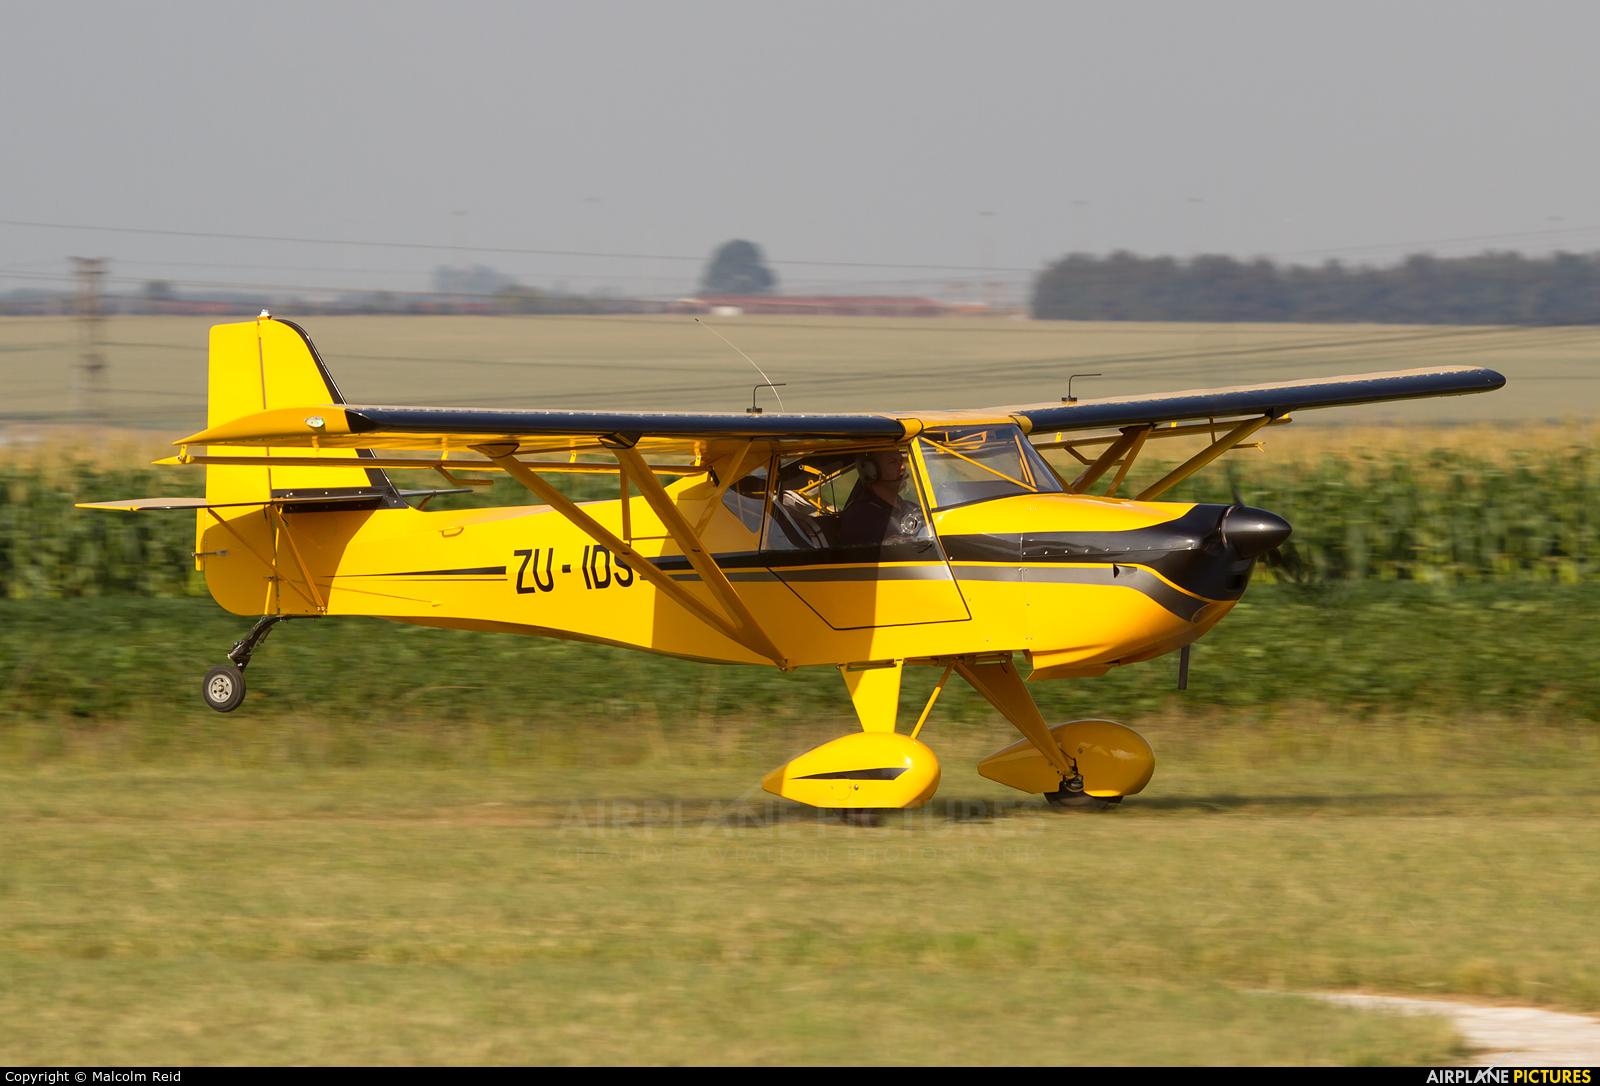 Private ZU-IDS aircraft at Petit